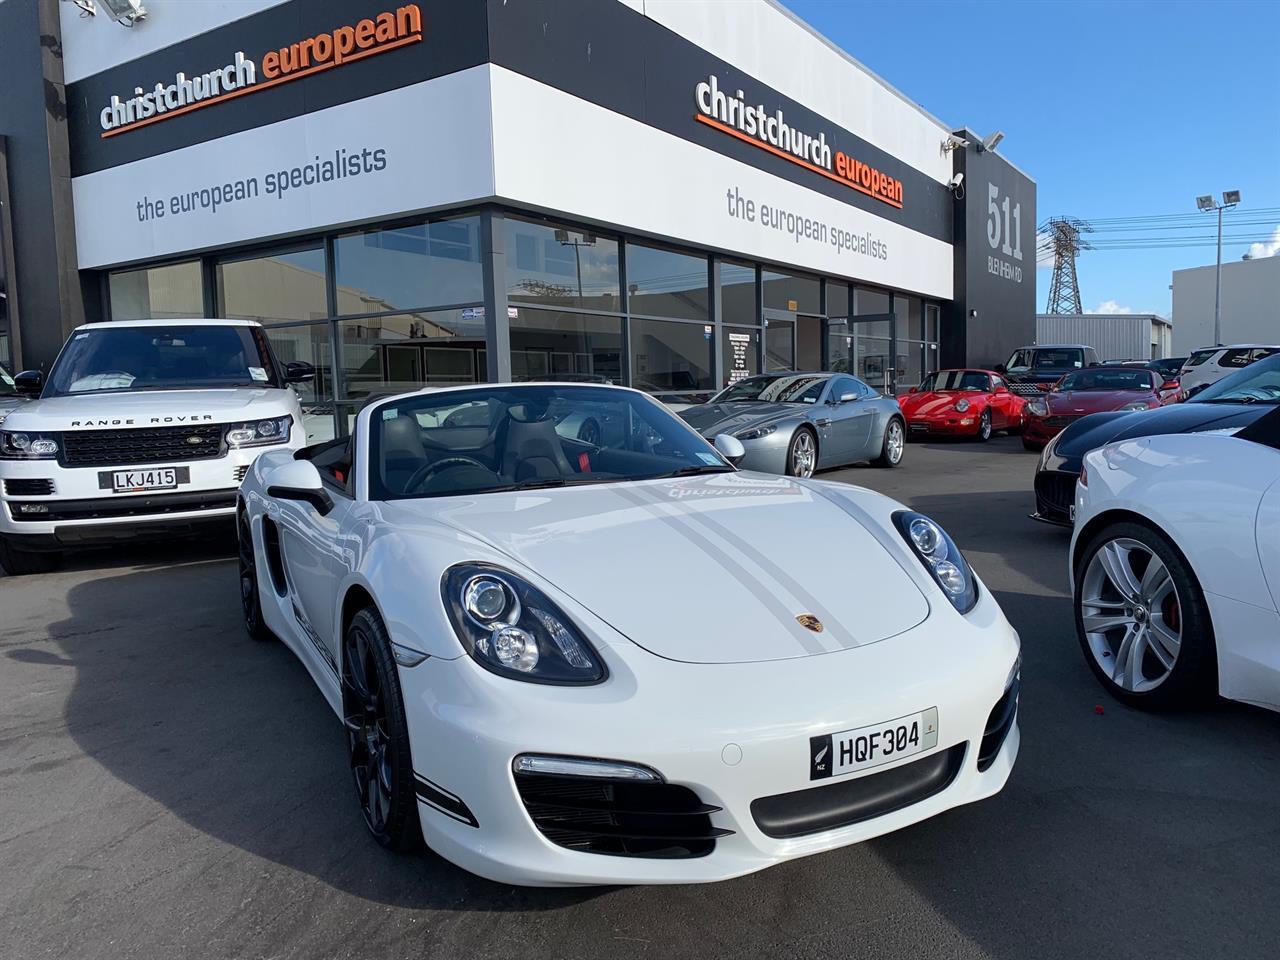 image-1, 2014 Porsche Boxster 981 PDK Convertible at Christchurch